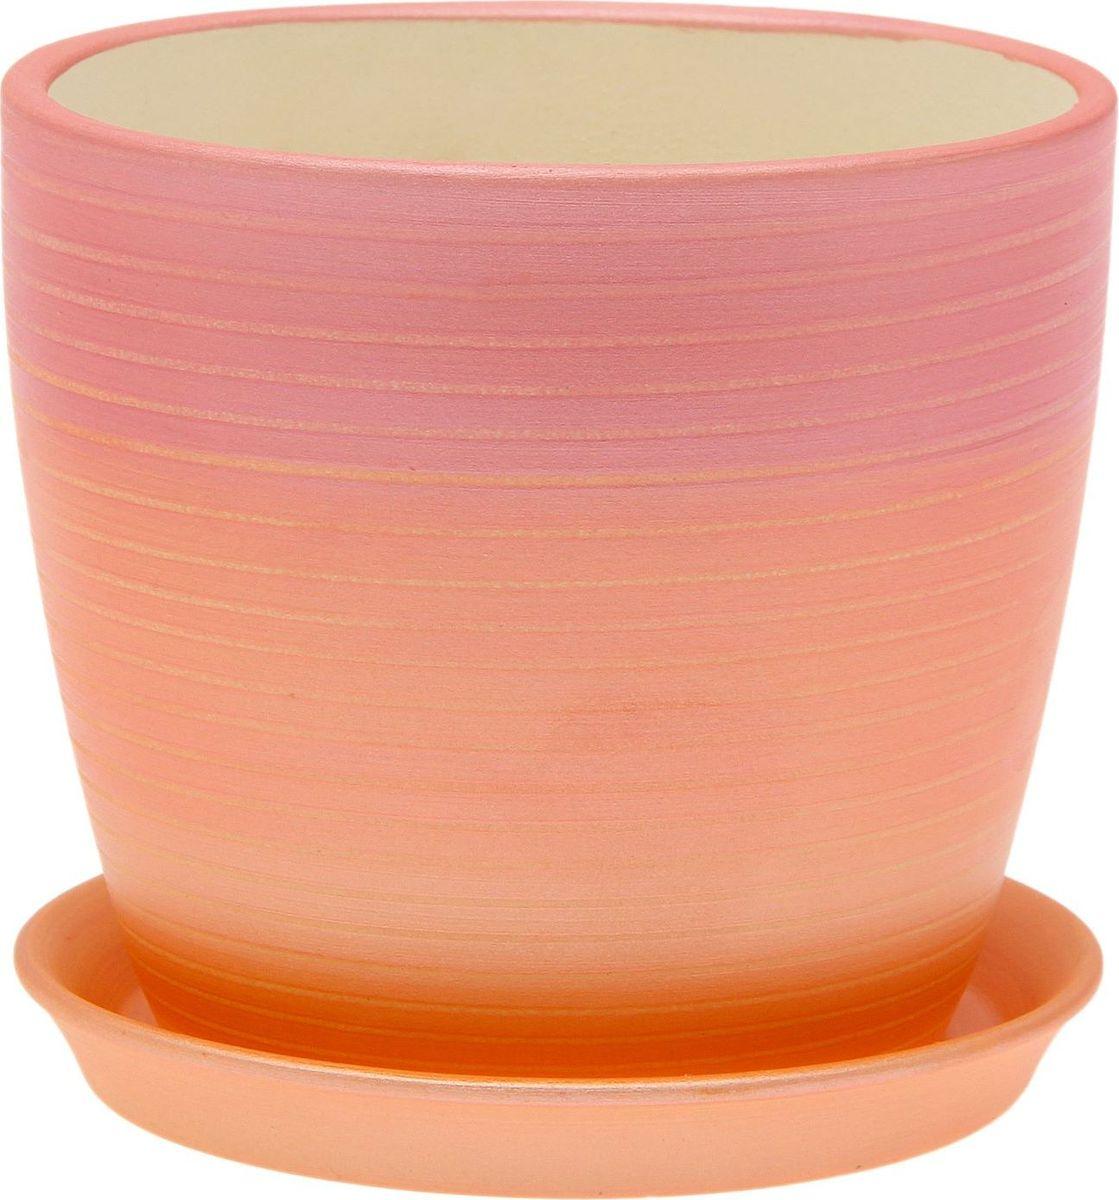 Кашпо Керамика ручной работы Осень. Радуга, цвет: красный, 0,25 л1968865Комнатные растения — всеобщие любимцы. Они радуют глаз, насыщают помещение кислородом и украшают пространство. Каждому из них необходим свой удобный и красивый дом. Кашпо из керамики прекрасно подходят для высадки растений: за счёт пластичности глины и разных способов обработки существует великое множество форм и дизайновпористый материал позволяет испаряться лишней влагевоздух, необходимый для дыхания корней, проникает сквозь керамические стенки! #name# позаботится о зелёном питомце, освежит интерьер и подчеркнёт его стиль.